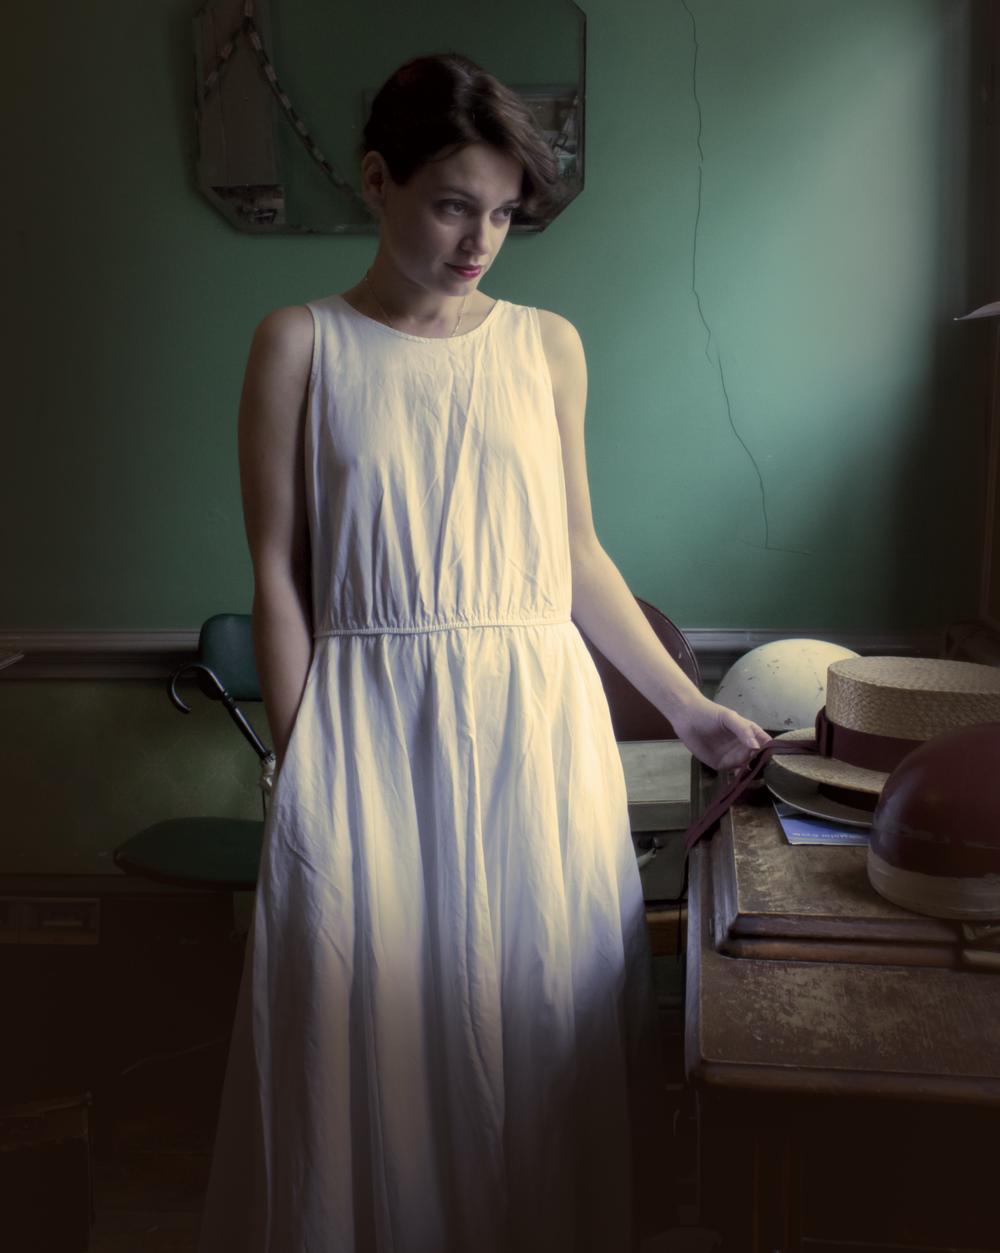 Portraits - photo by Lizzie Oxby